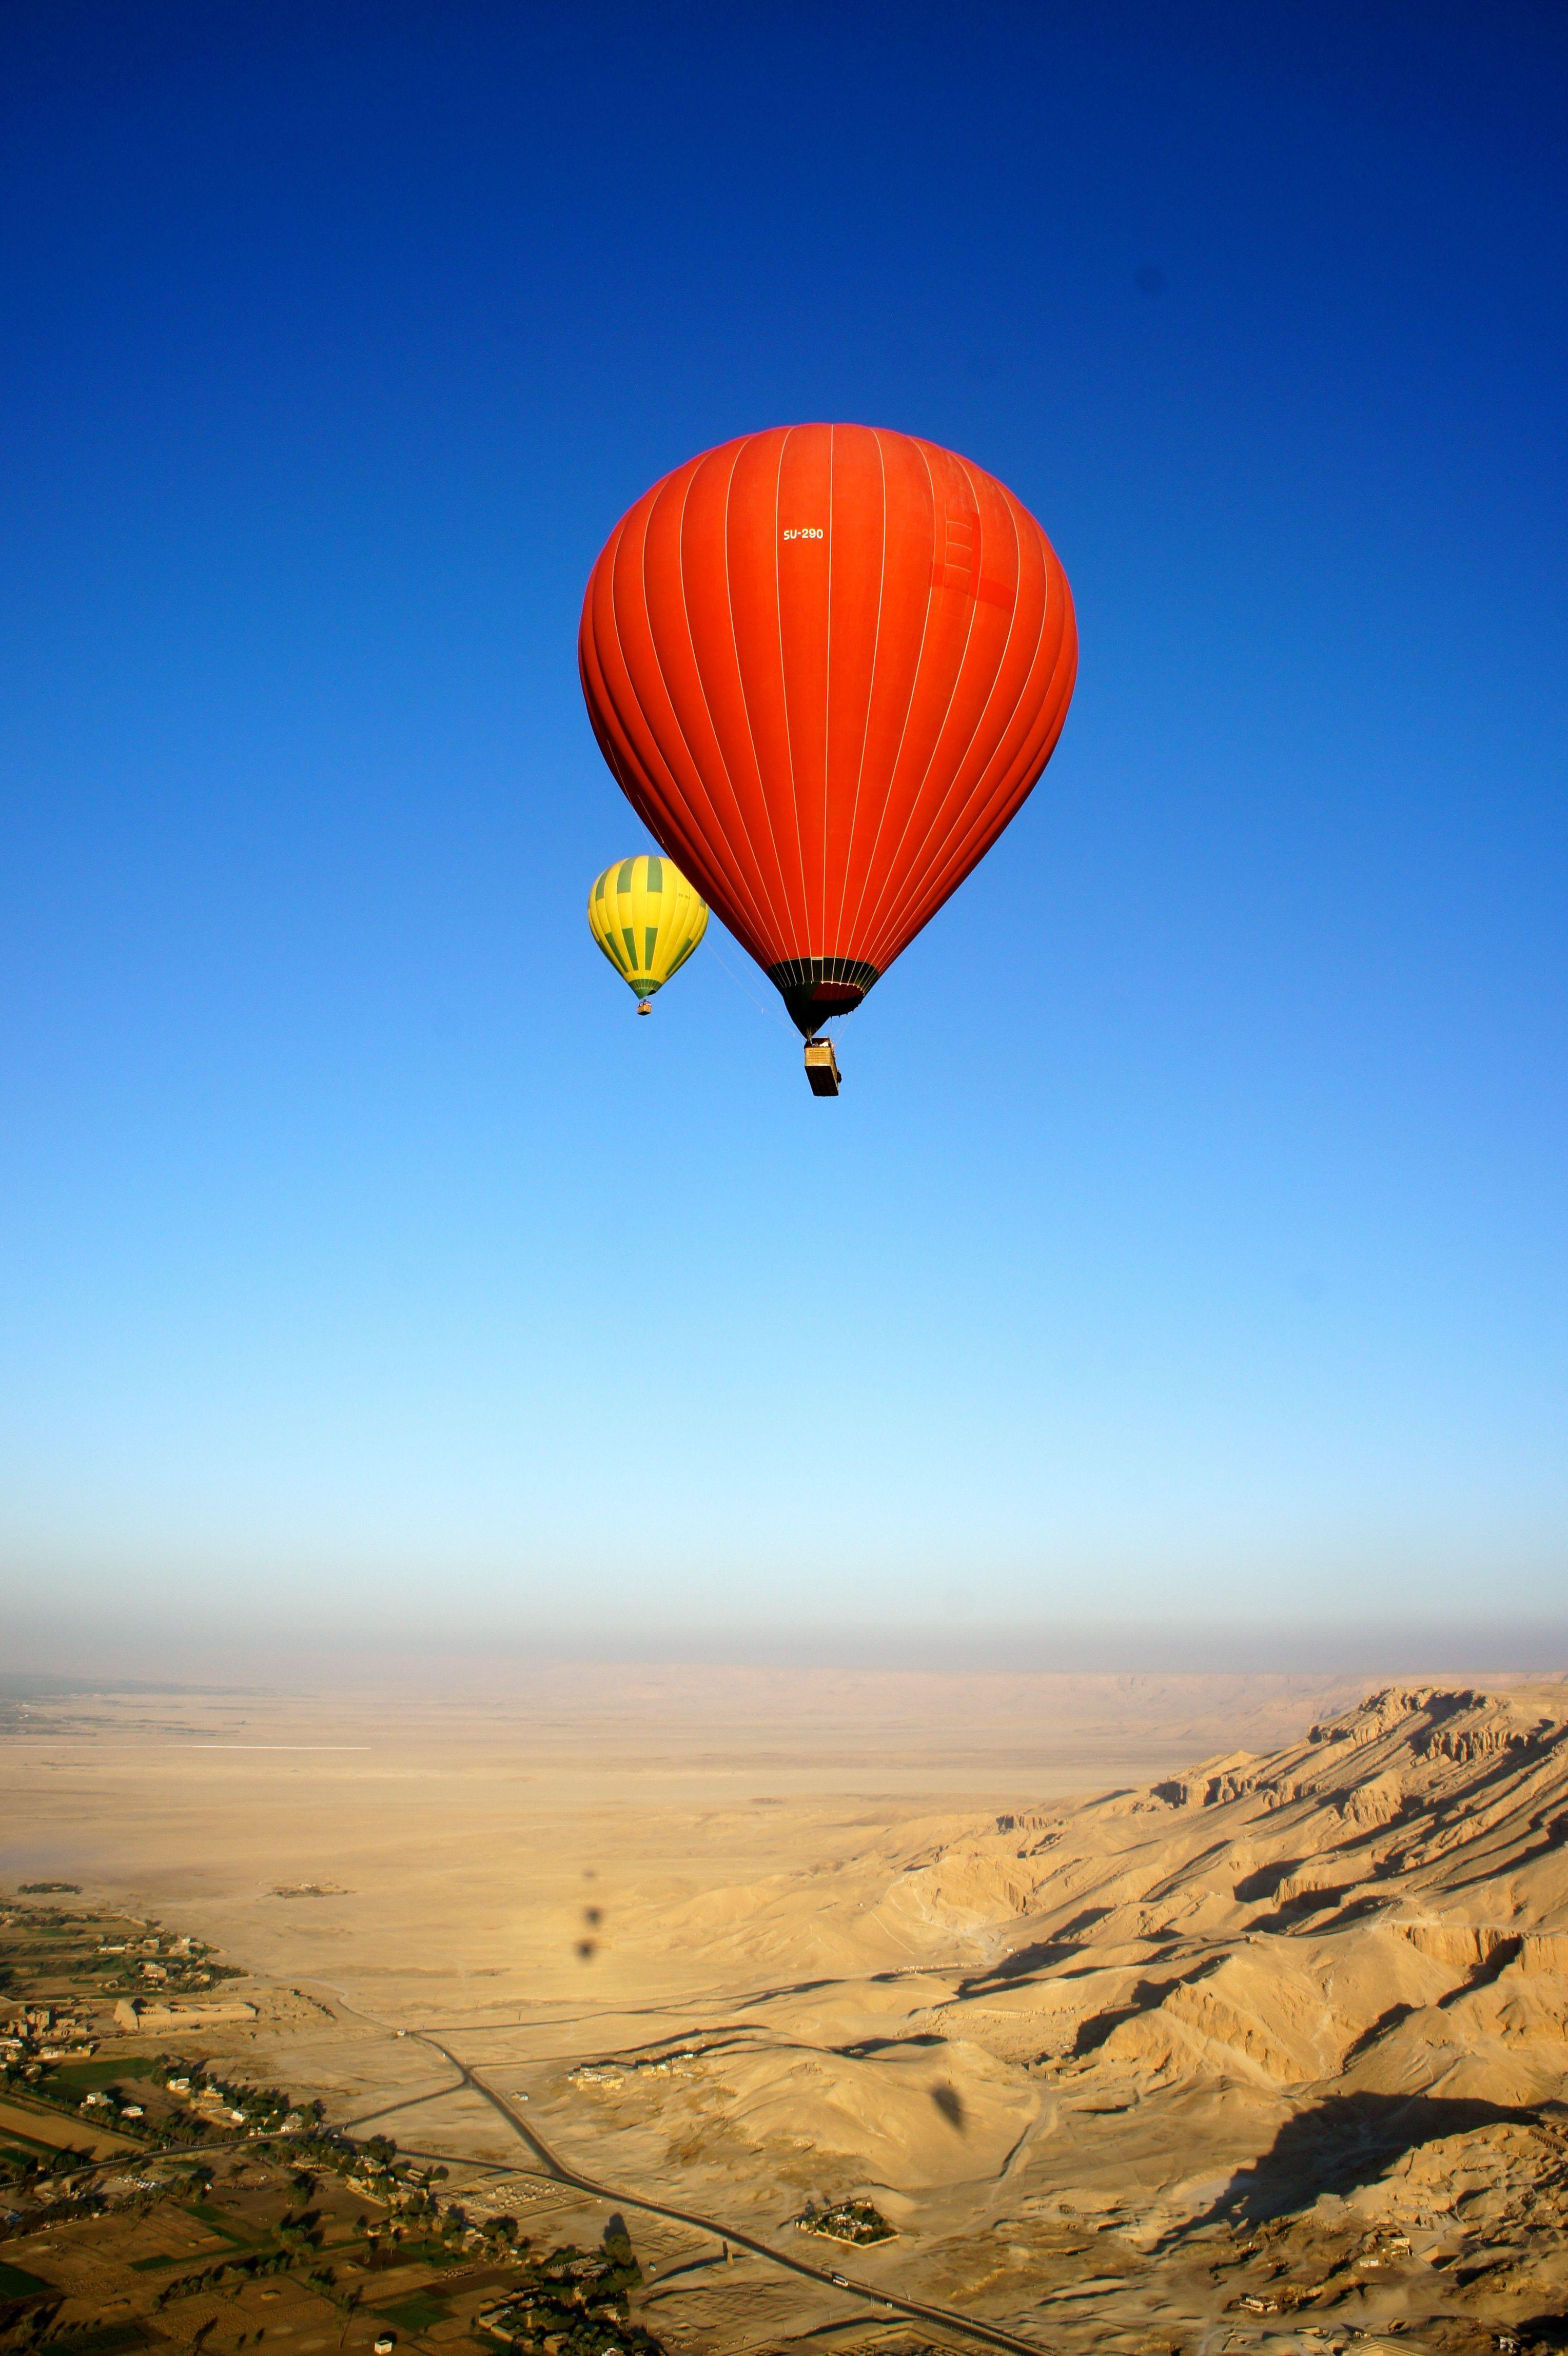 hot air balloon ride in egypt Hot air balloon rides